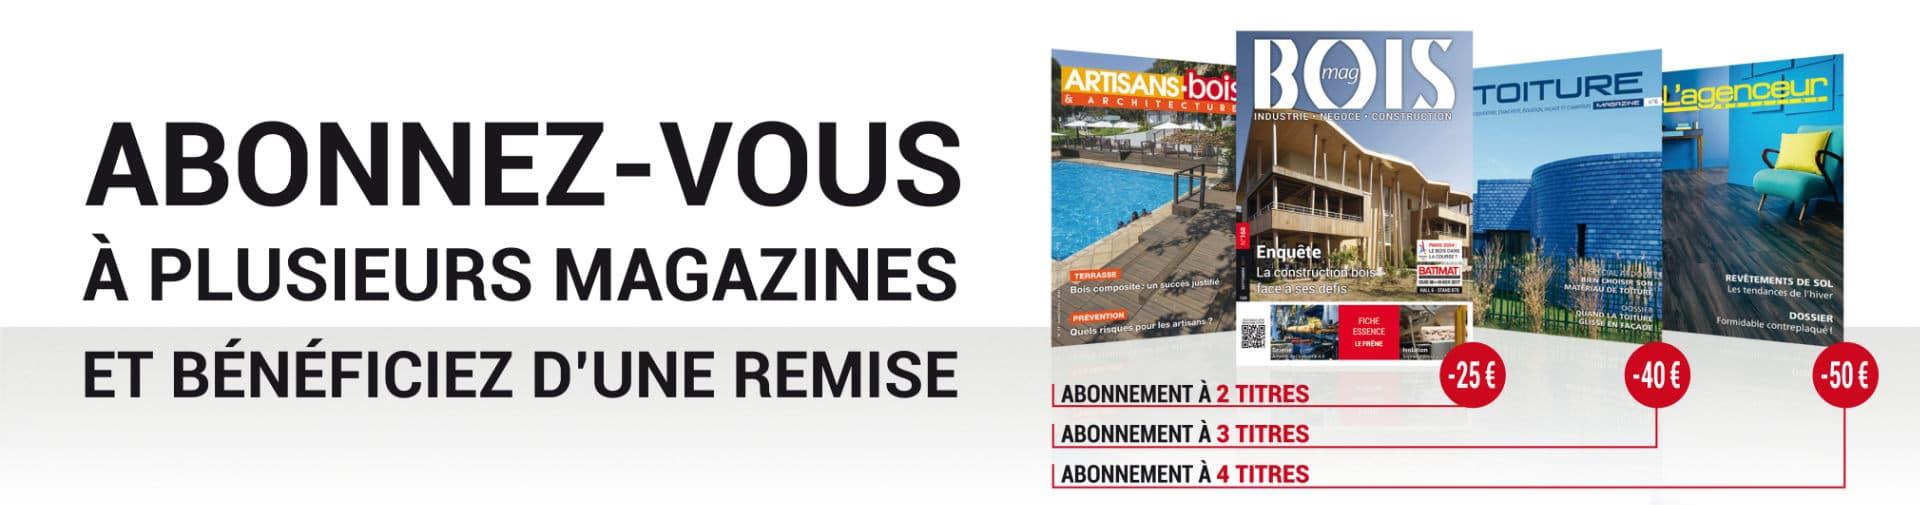 Abonnez vous a plusieurs magazine et bénéficiez d'une remise